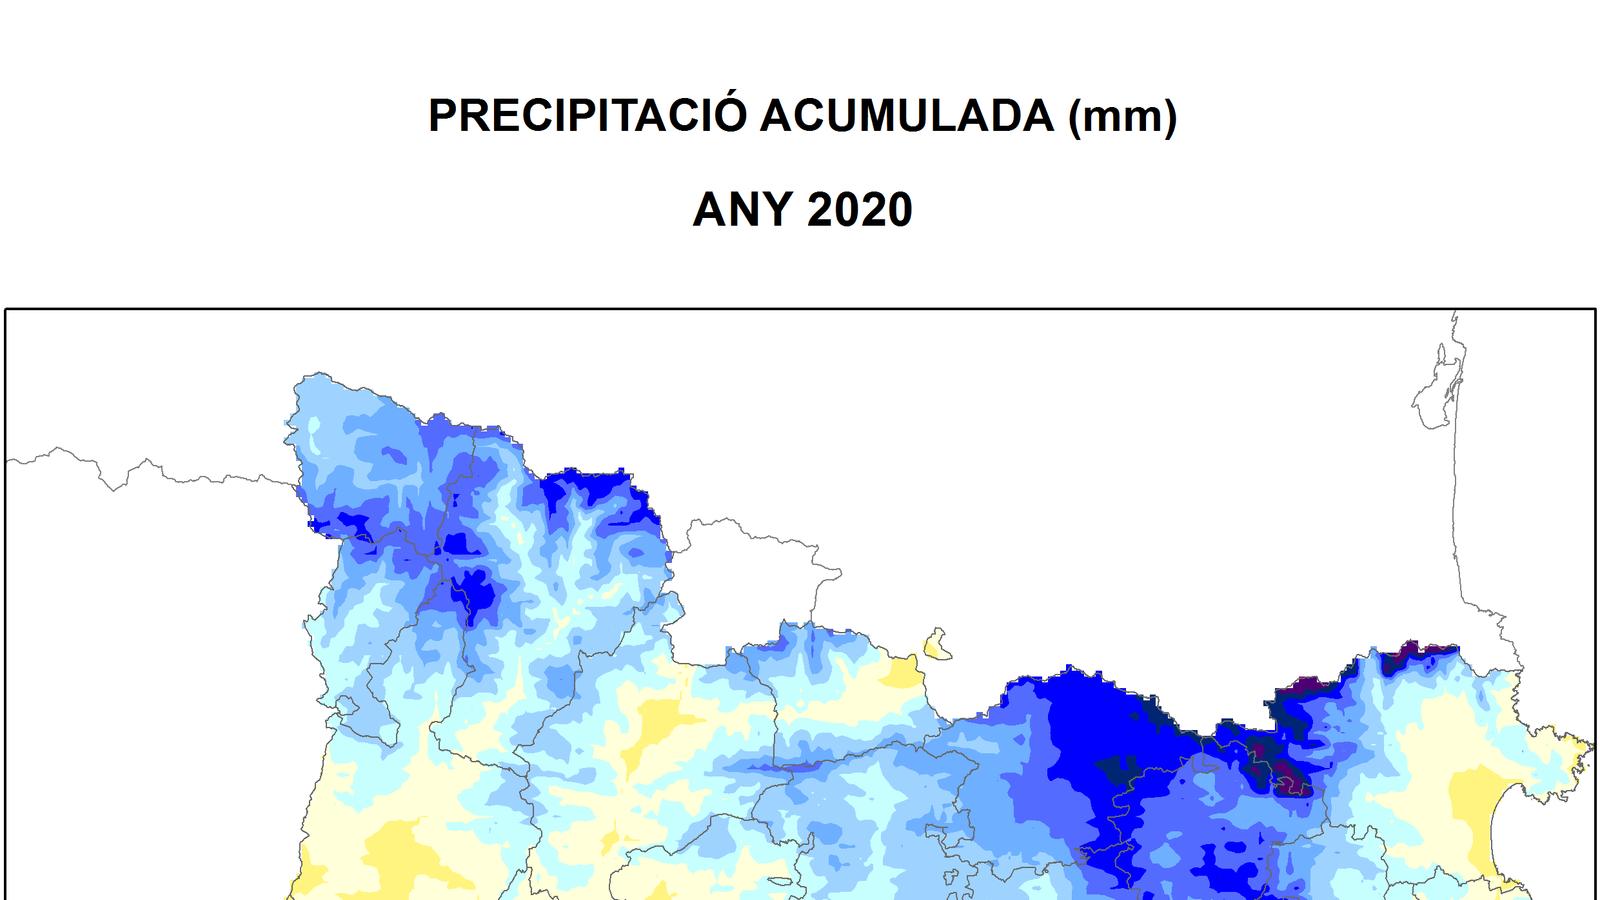 Precipitació total acumulada a Catalunya